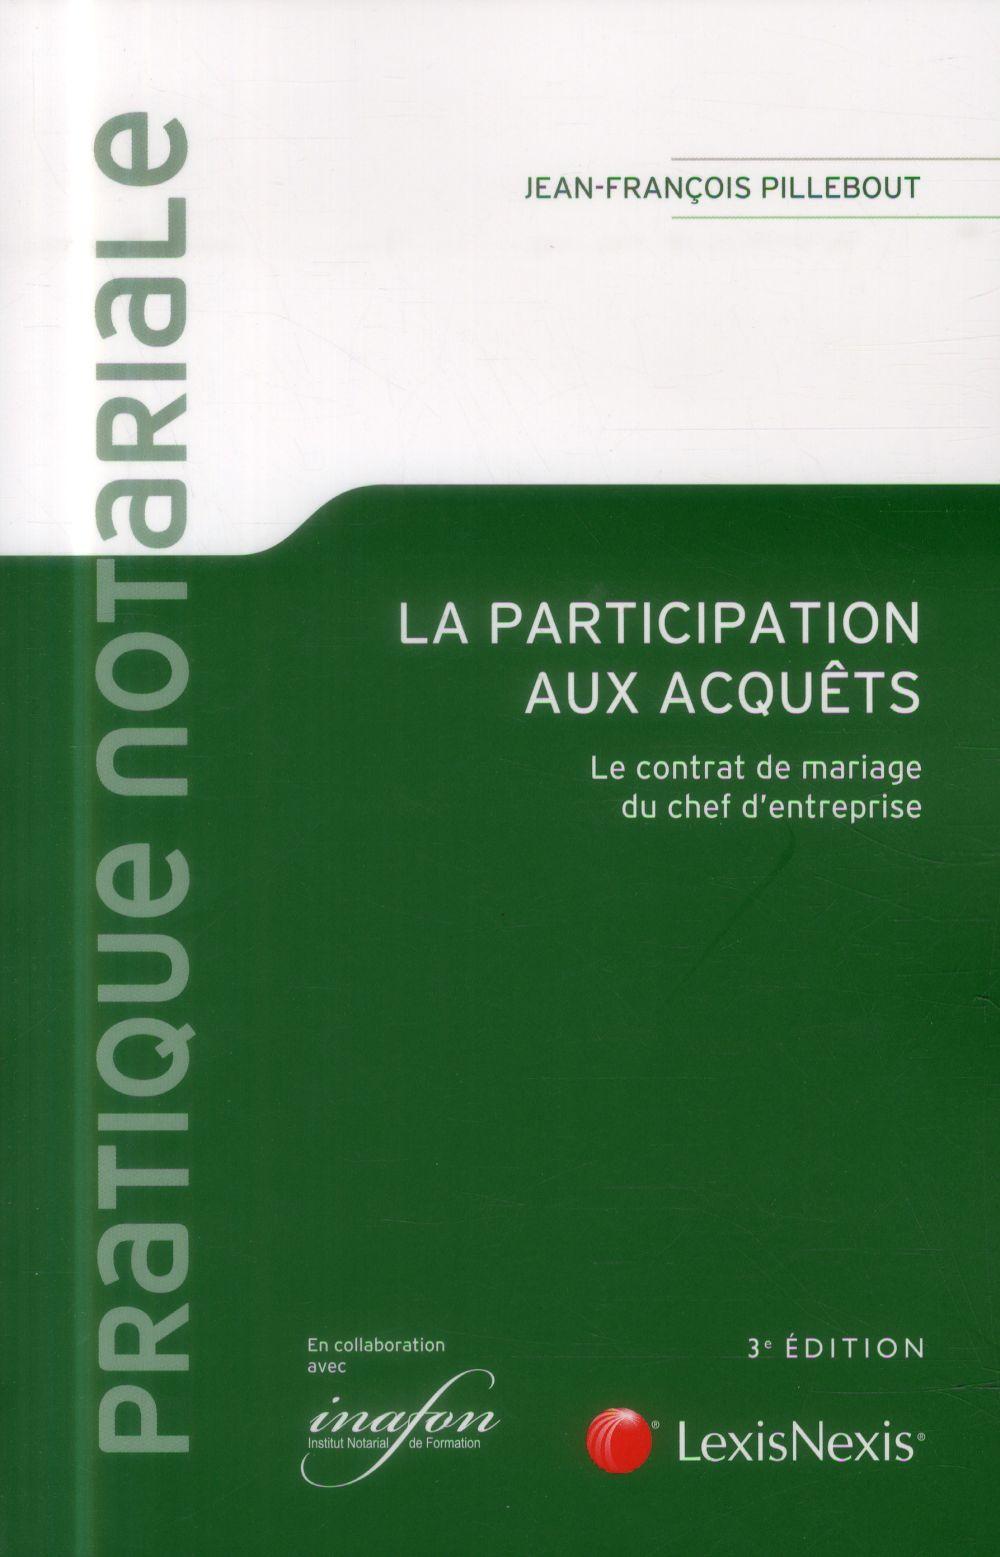 LA PARTICIPATION AUX ACQUETS - LE CONTRAT DE MARIAGE DU CHEF D'ENTREPRISE.